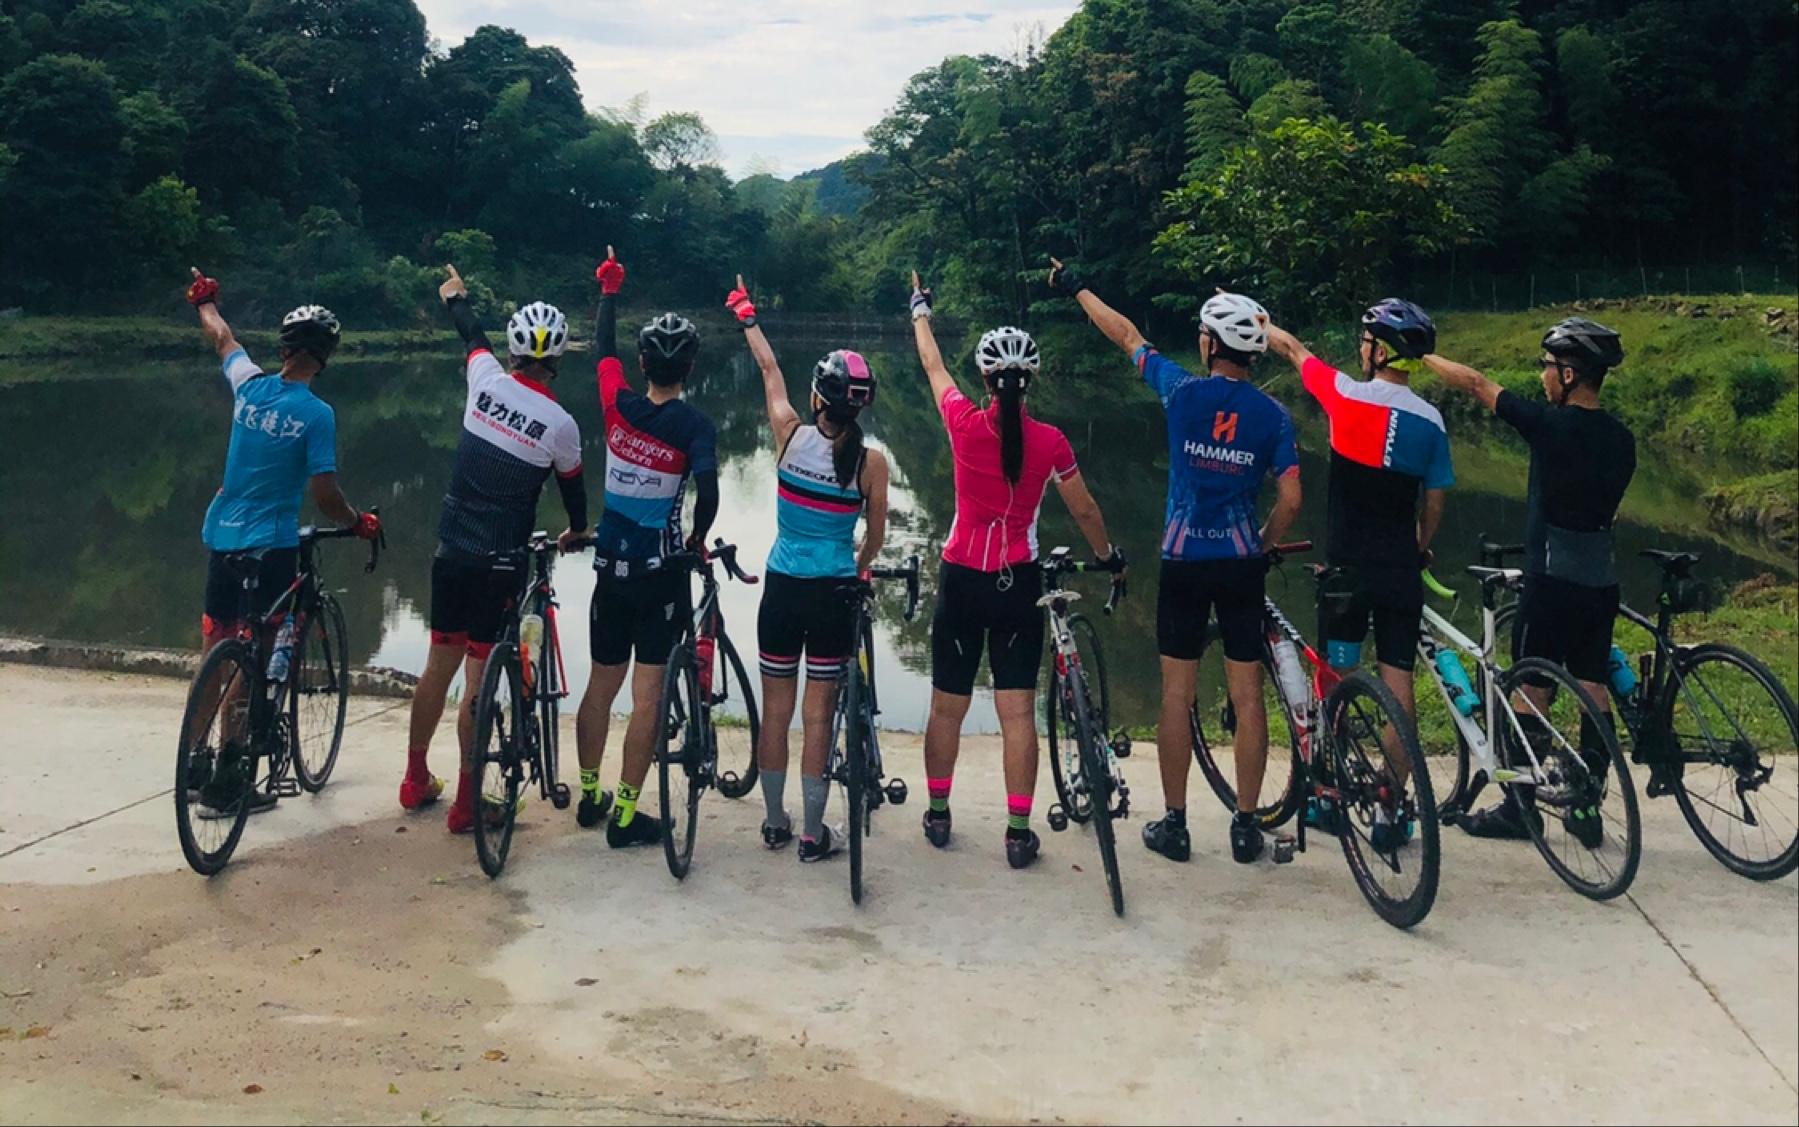 晨骑梅洋,杜绝拉爆拉残。和谐发展健康骑行运动